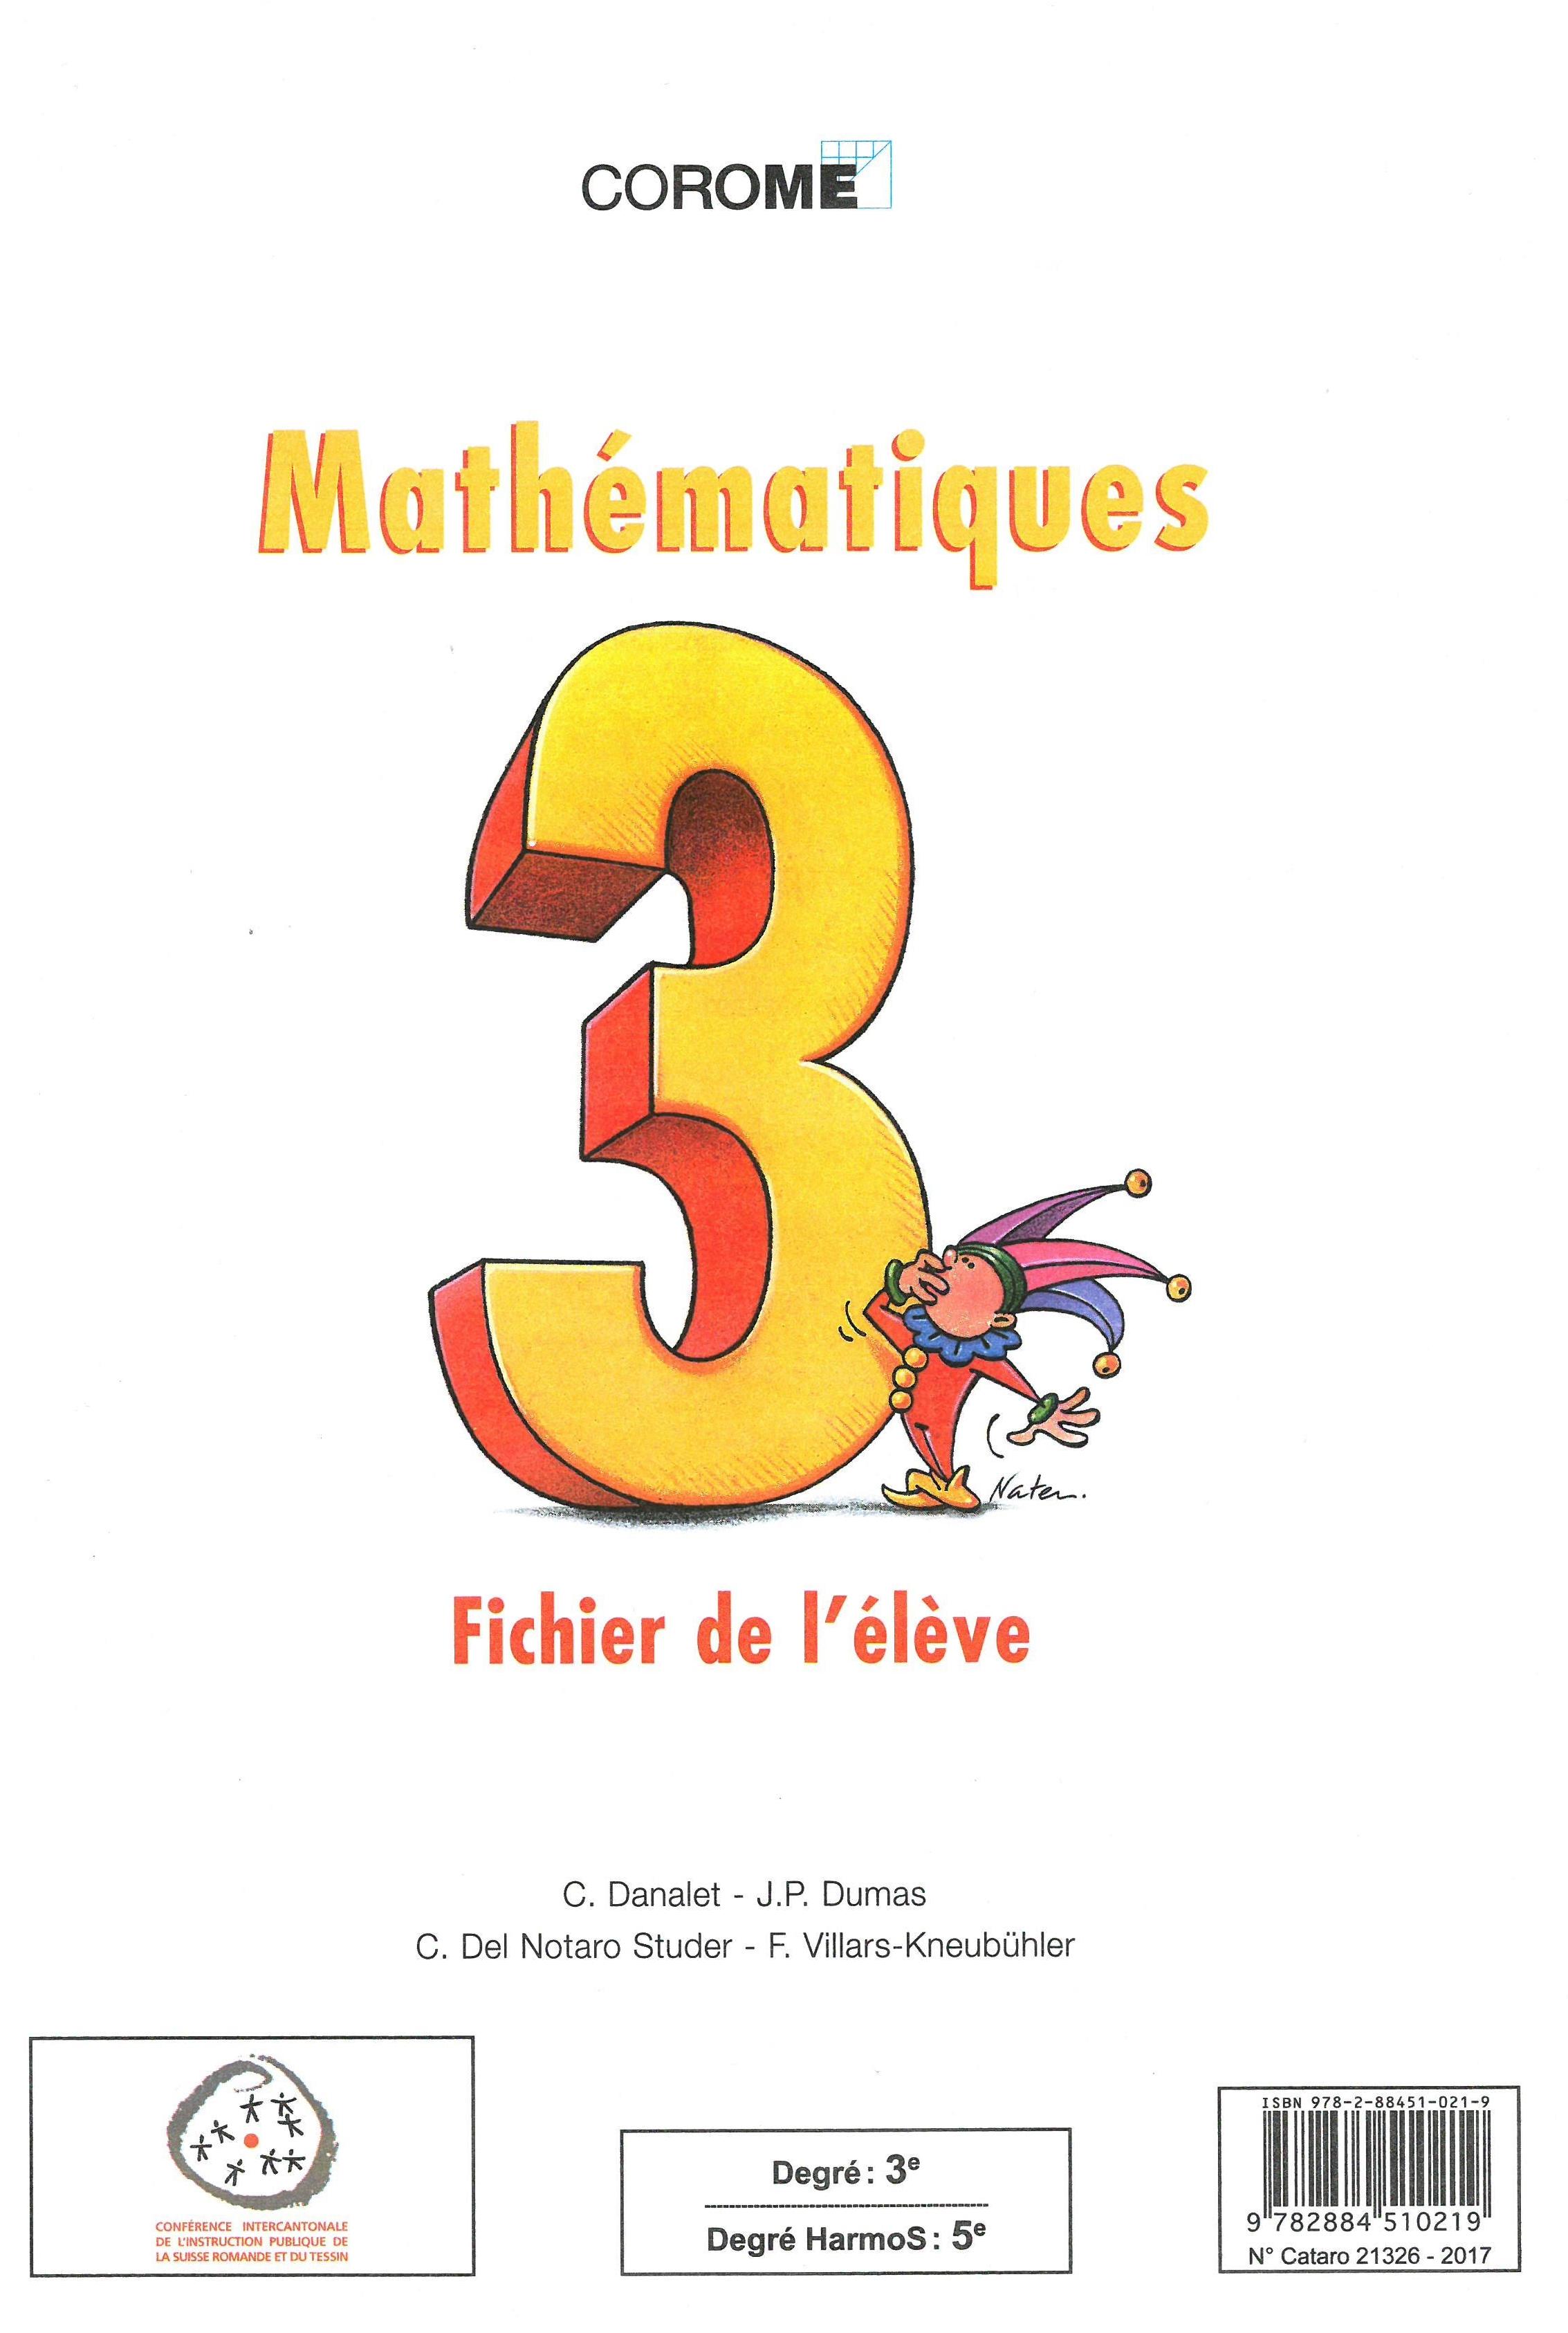 5H – Mathématiques – Fichier de l'élève – 1998, Danalet, Claude